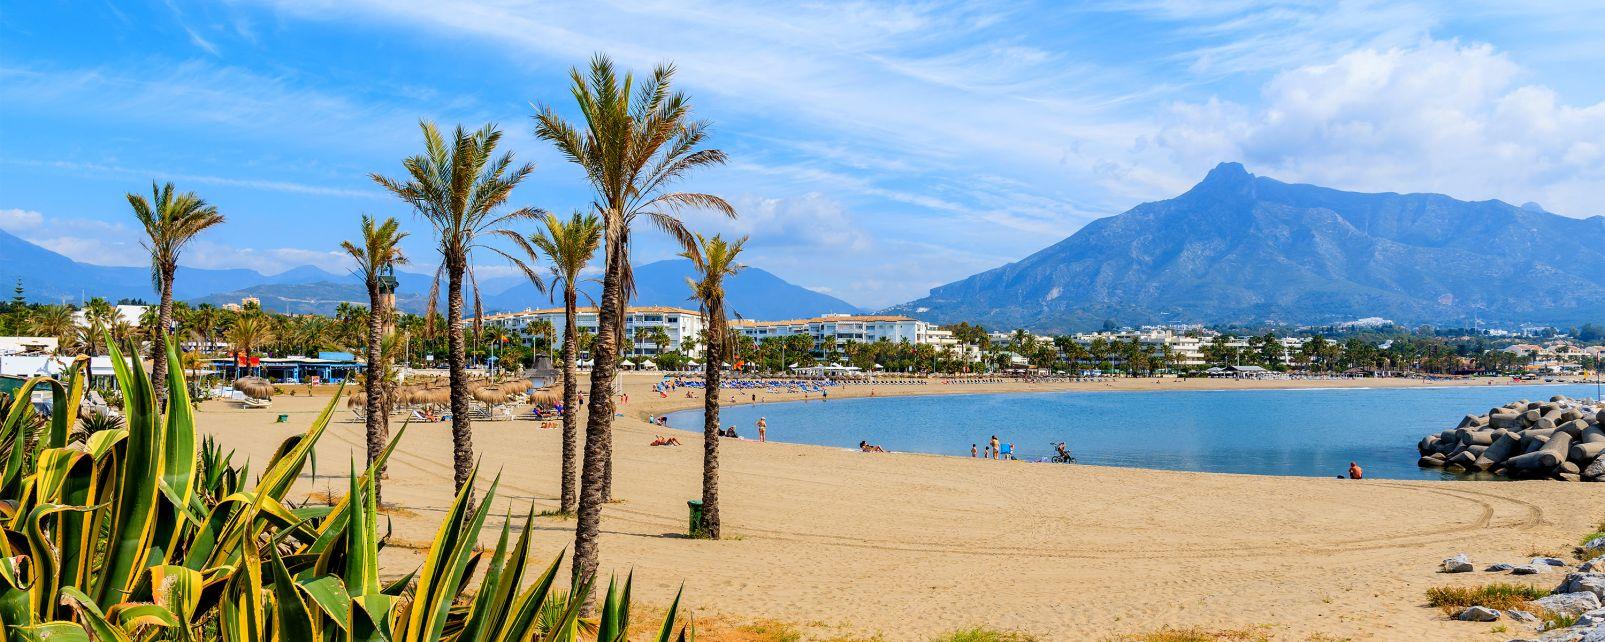 Les côtes, marbella, espagne, andalousie, costa del sol, europe, mer, méditerranée, plage